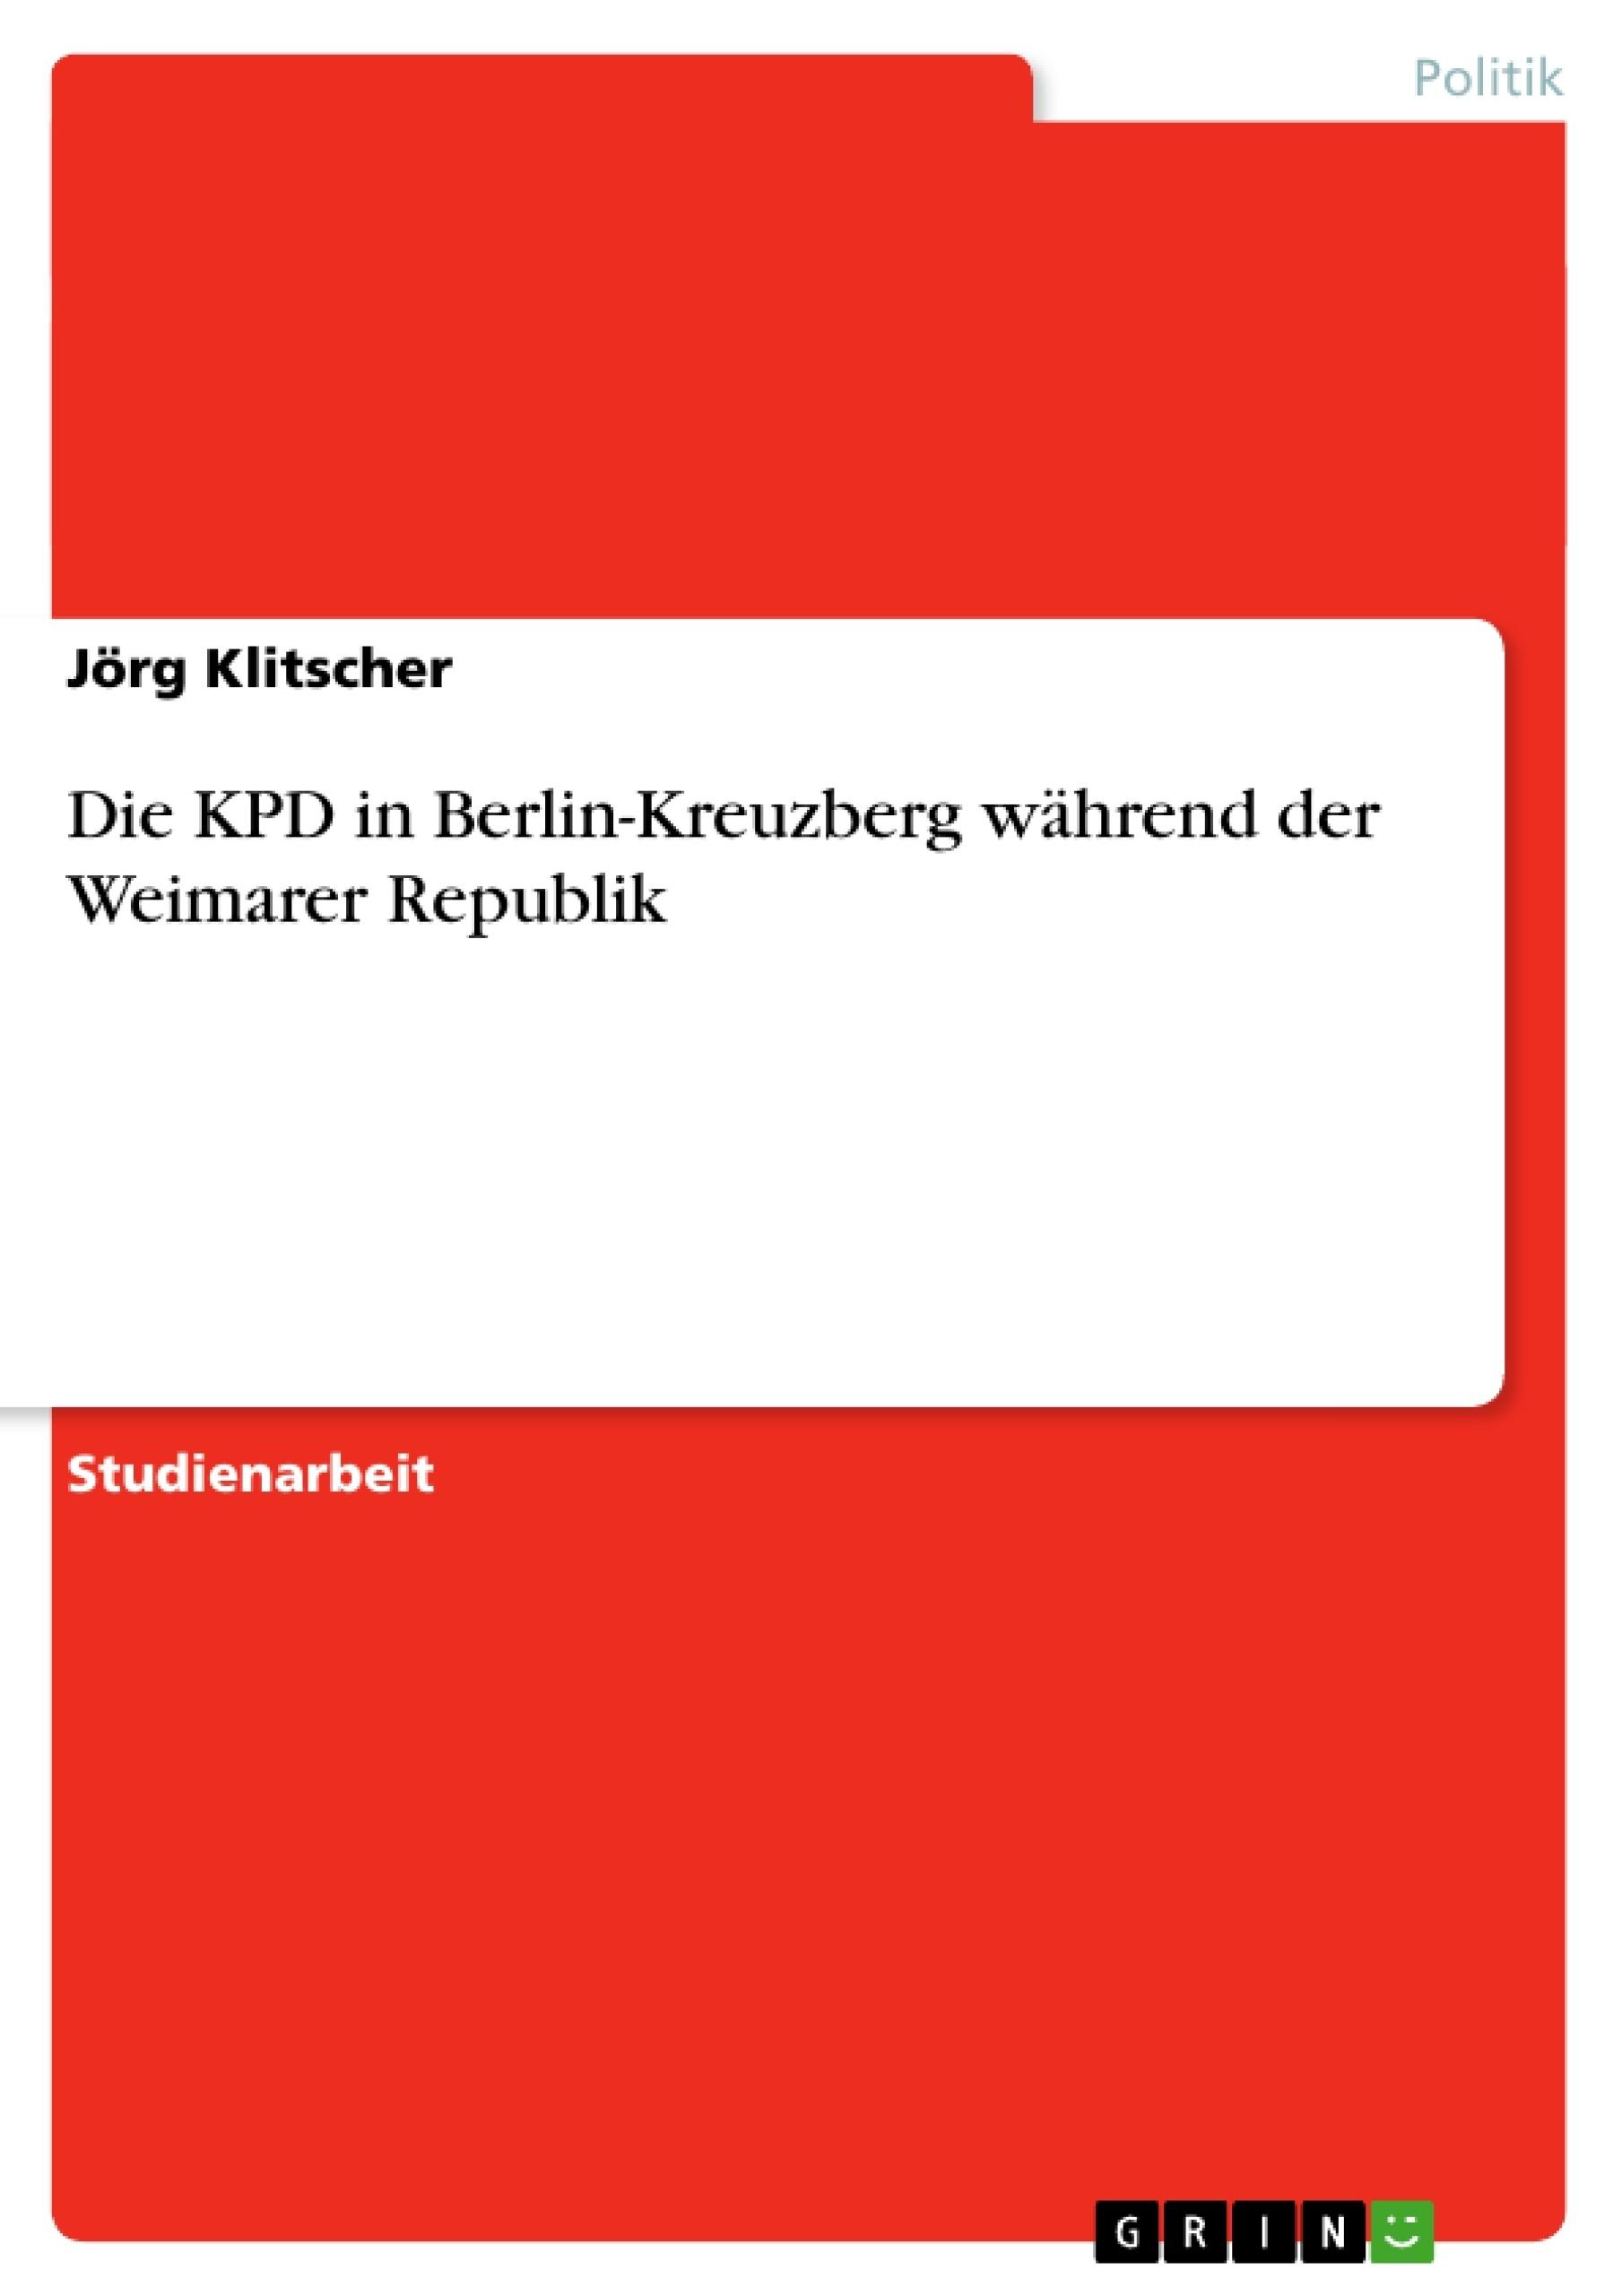 Titel: Die KPD in Berlin-Kreuzberg während der Weimarer Republik